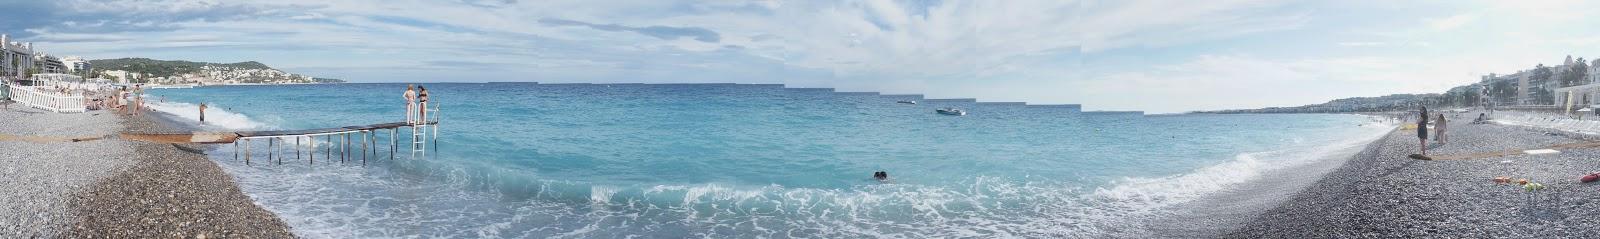 Панорам Пляжа Ниццы